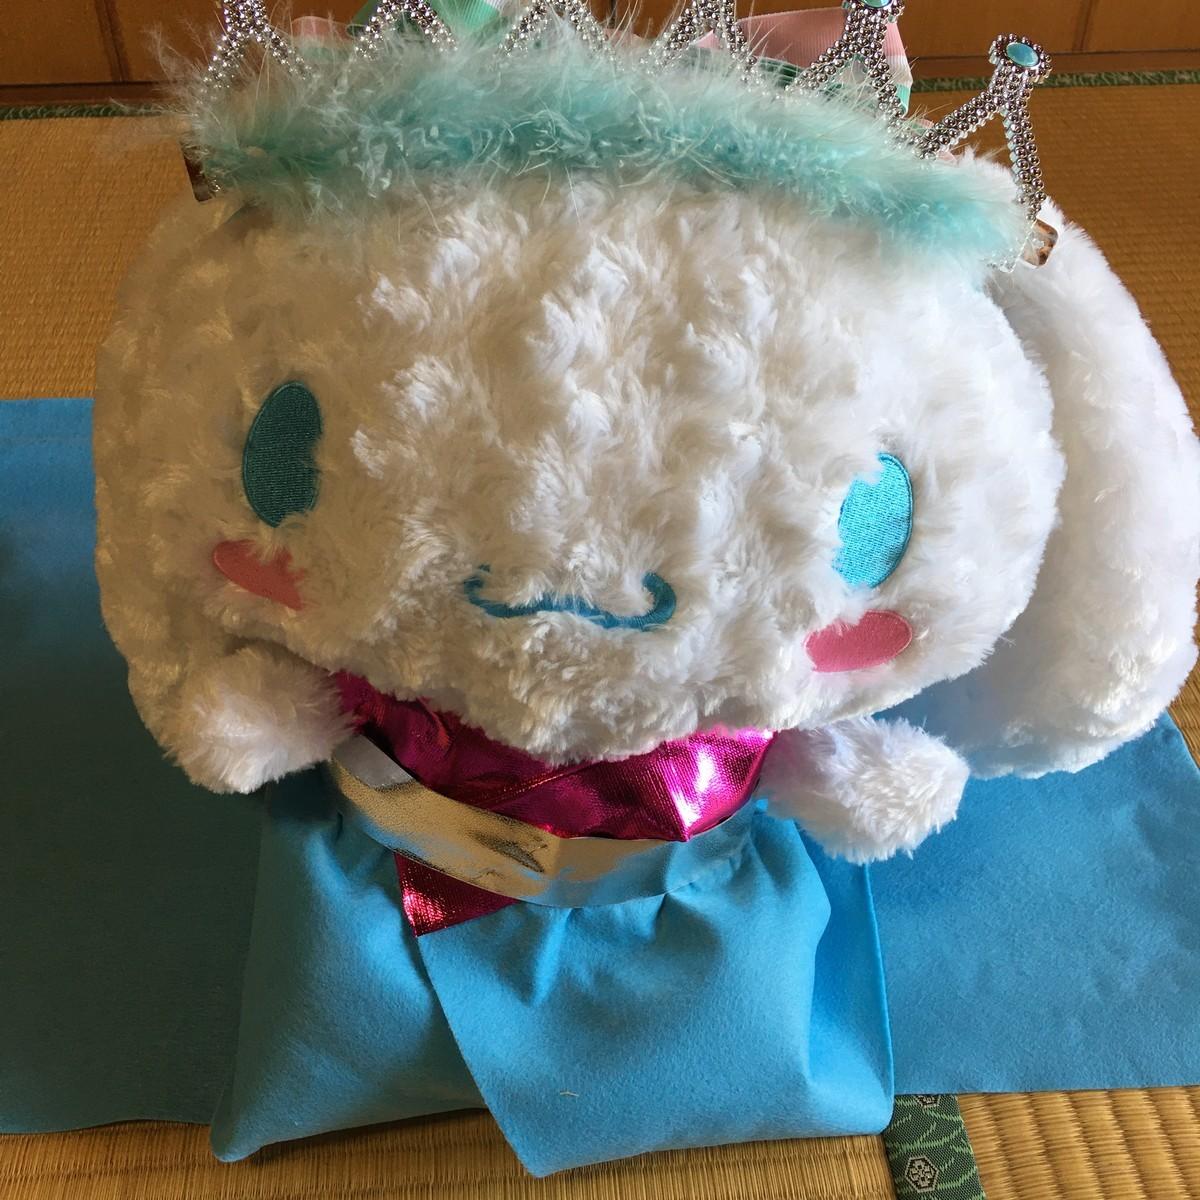 浦島太郎、竜宮城乙姫様のコス衣装